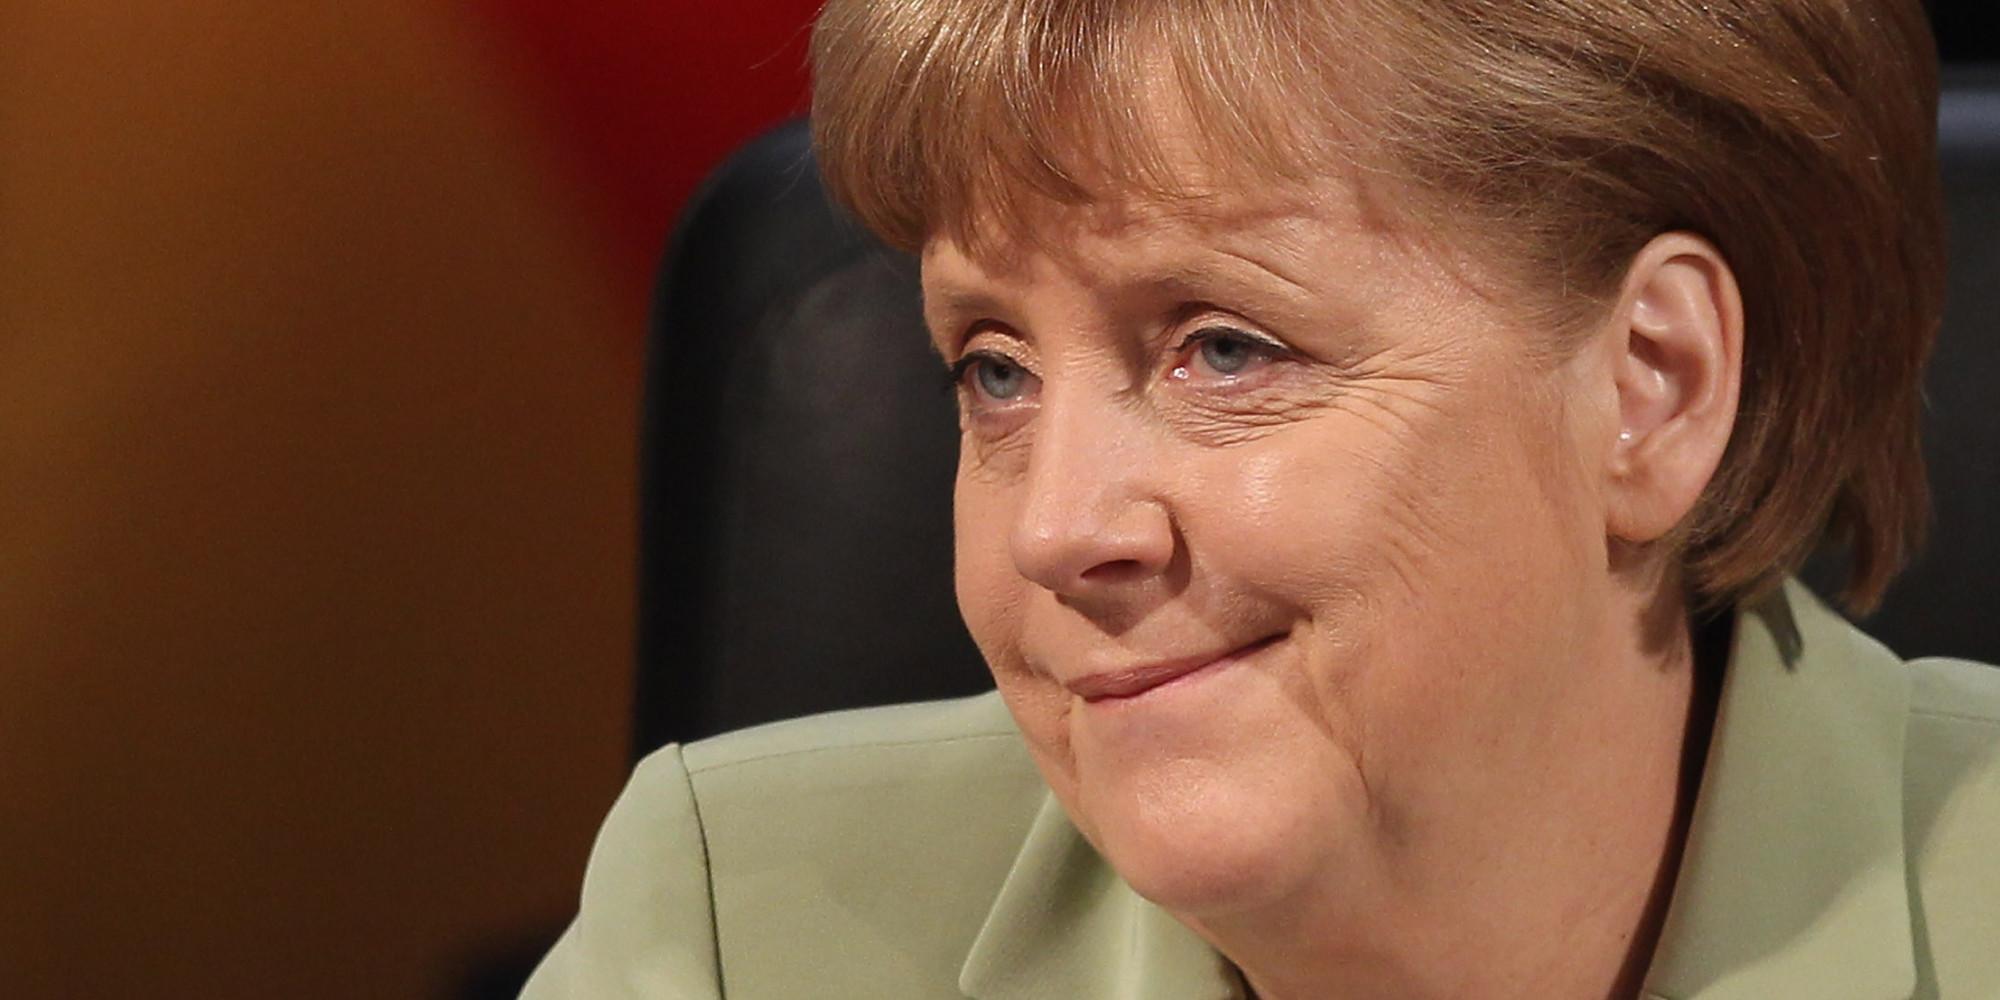 ... amusent vraiment avec cette PHOTO de Barack Obama et d'Angela Merkel